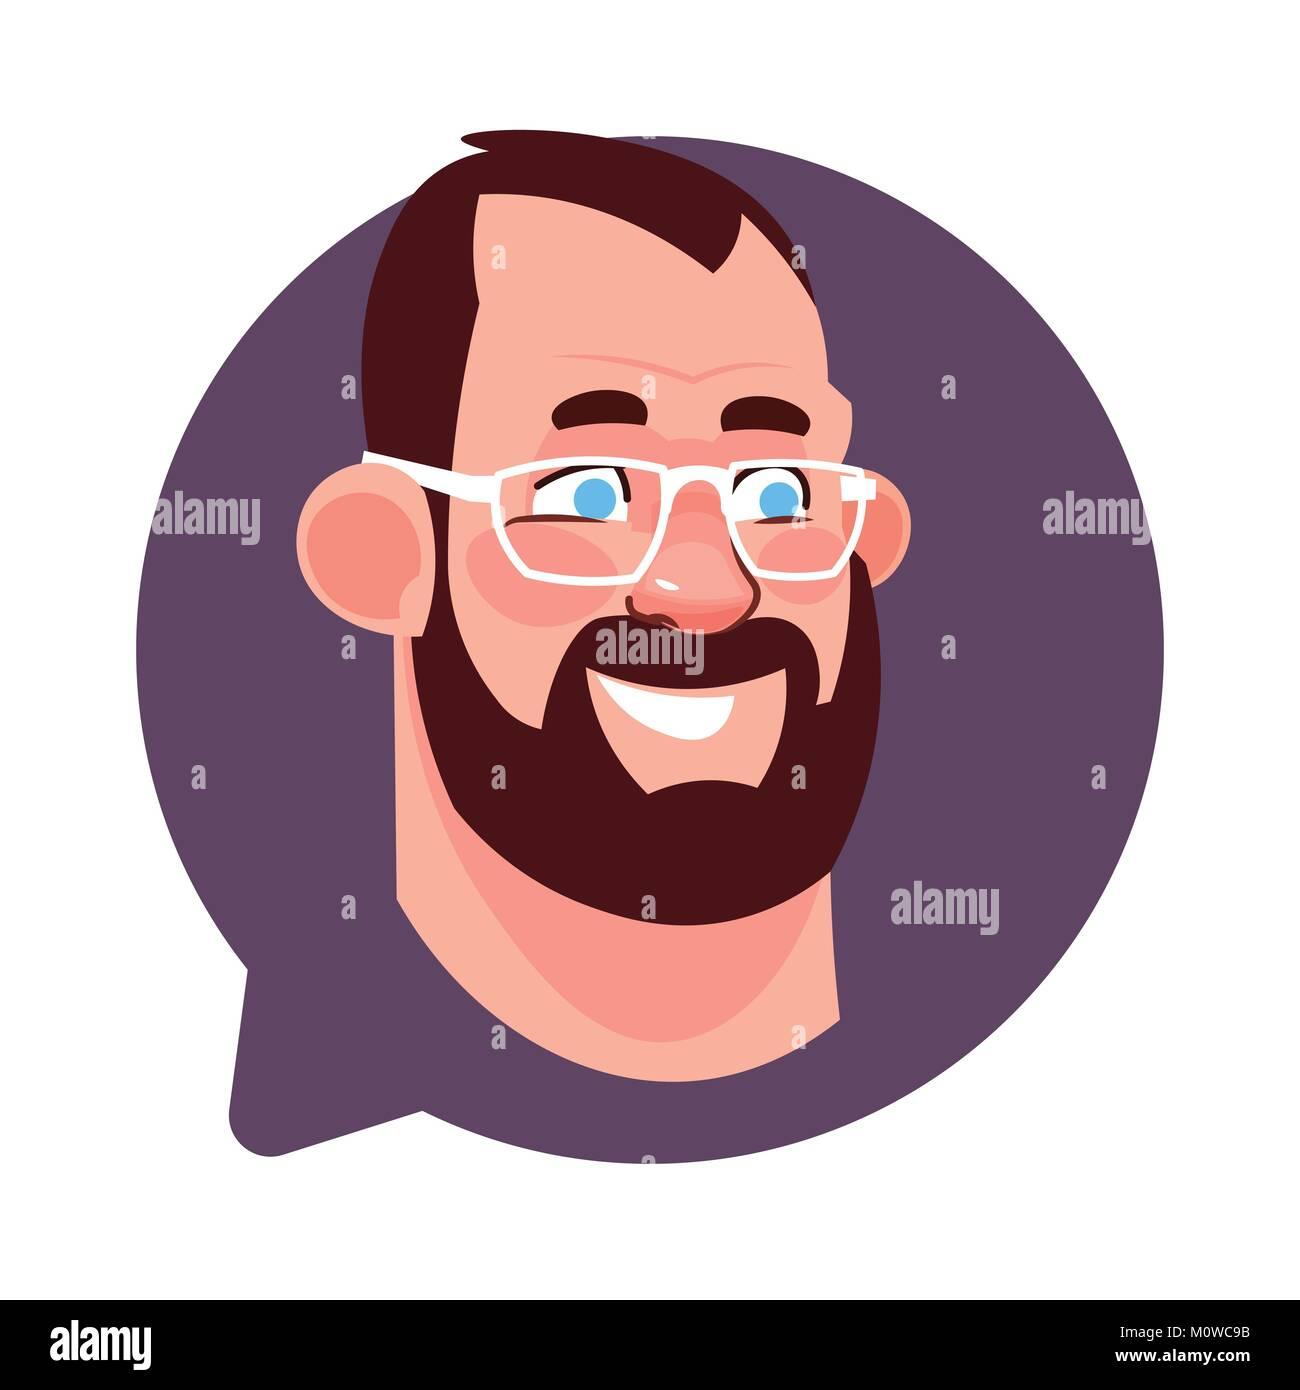 Icona del profilo testa maschio nella bolla di chat isolato barbuto